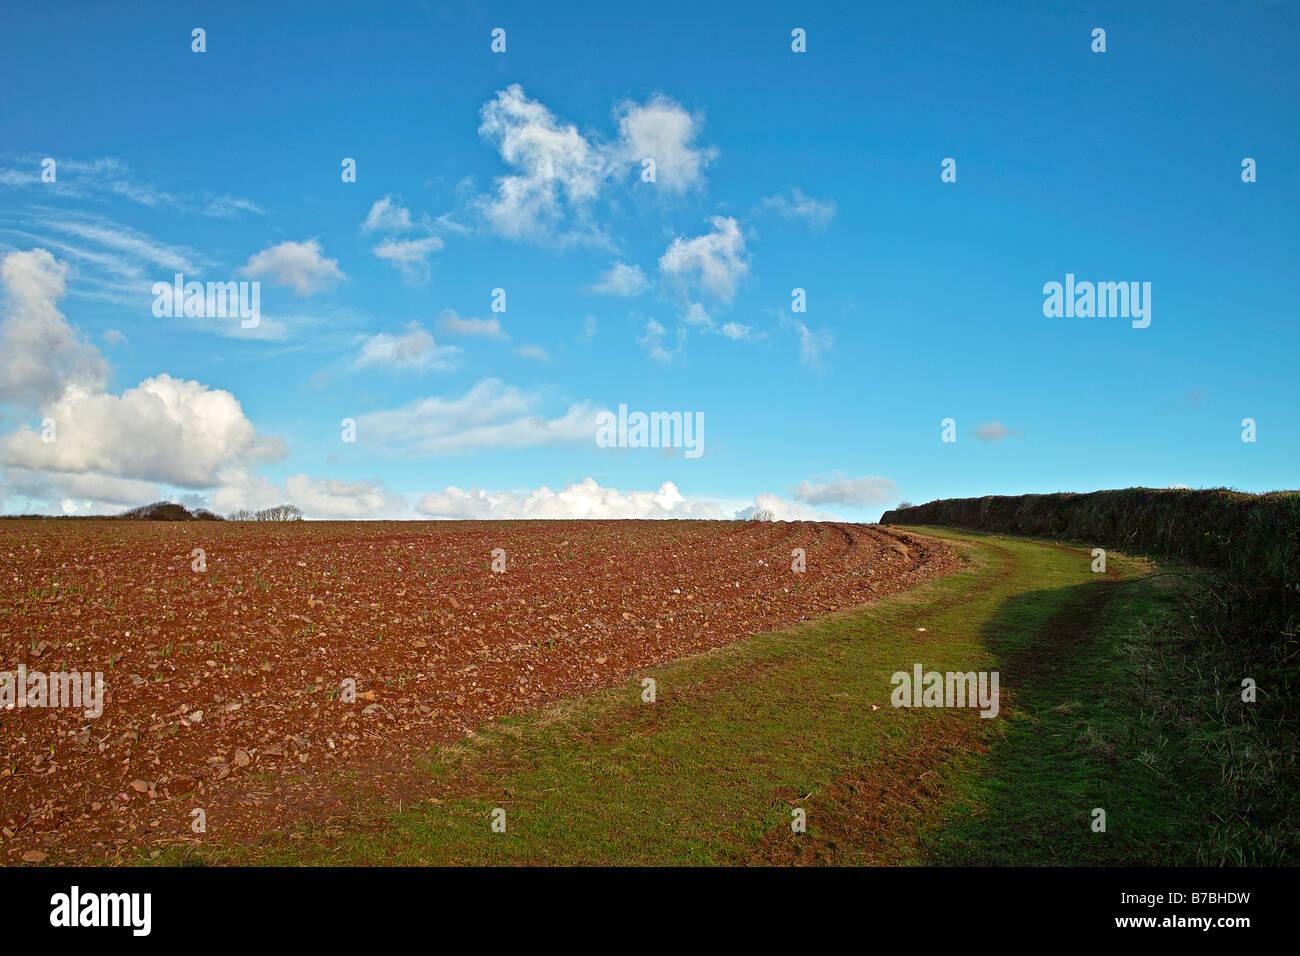 Les terres agricoles près de frodsham dans Cheshire, Angleterre, Royaume-Uni Photo Stock